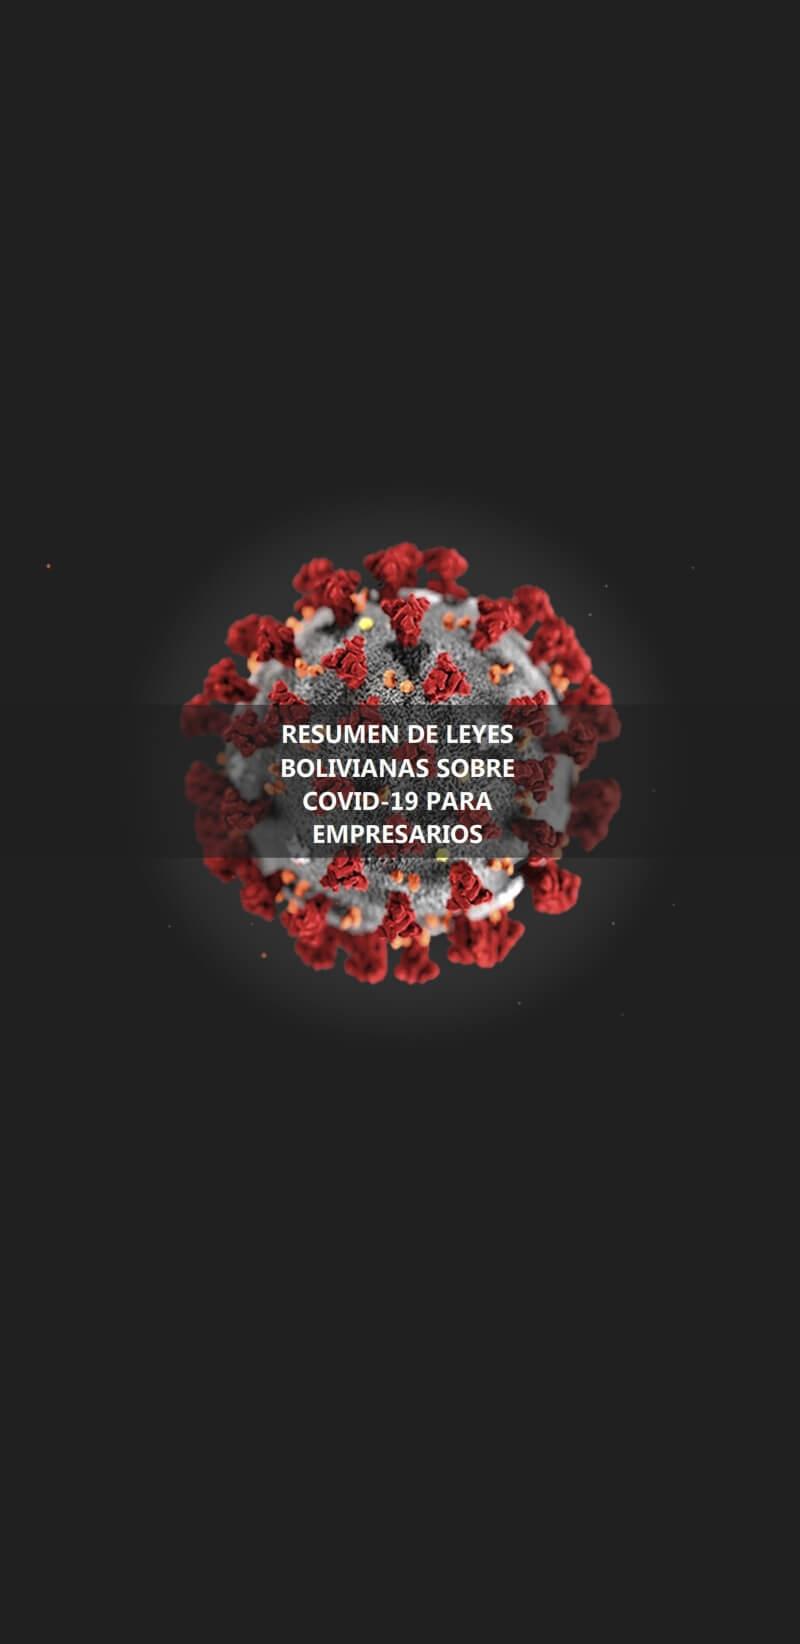 Leyes sobre el coronavirus para empresarios